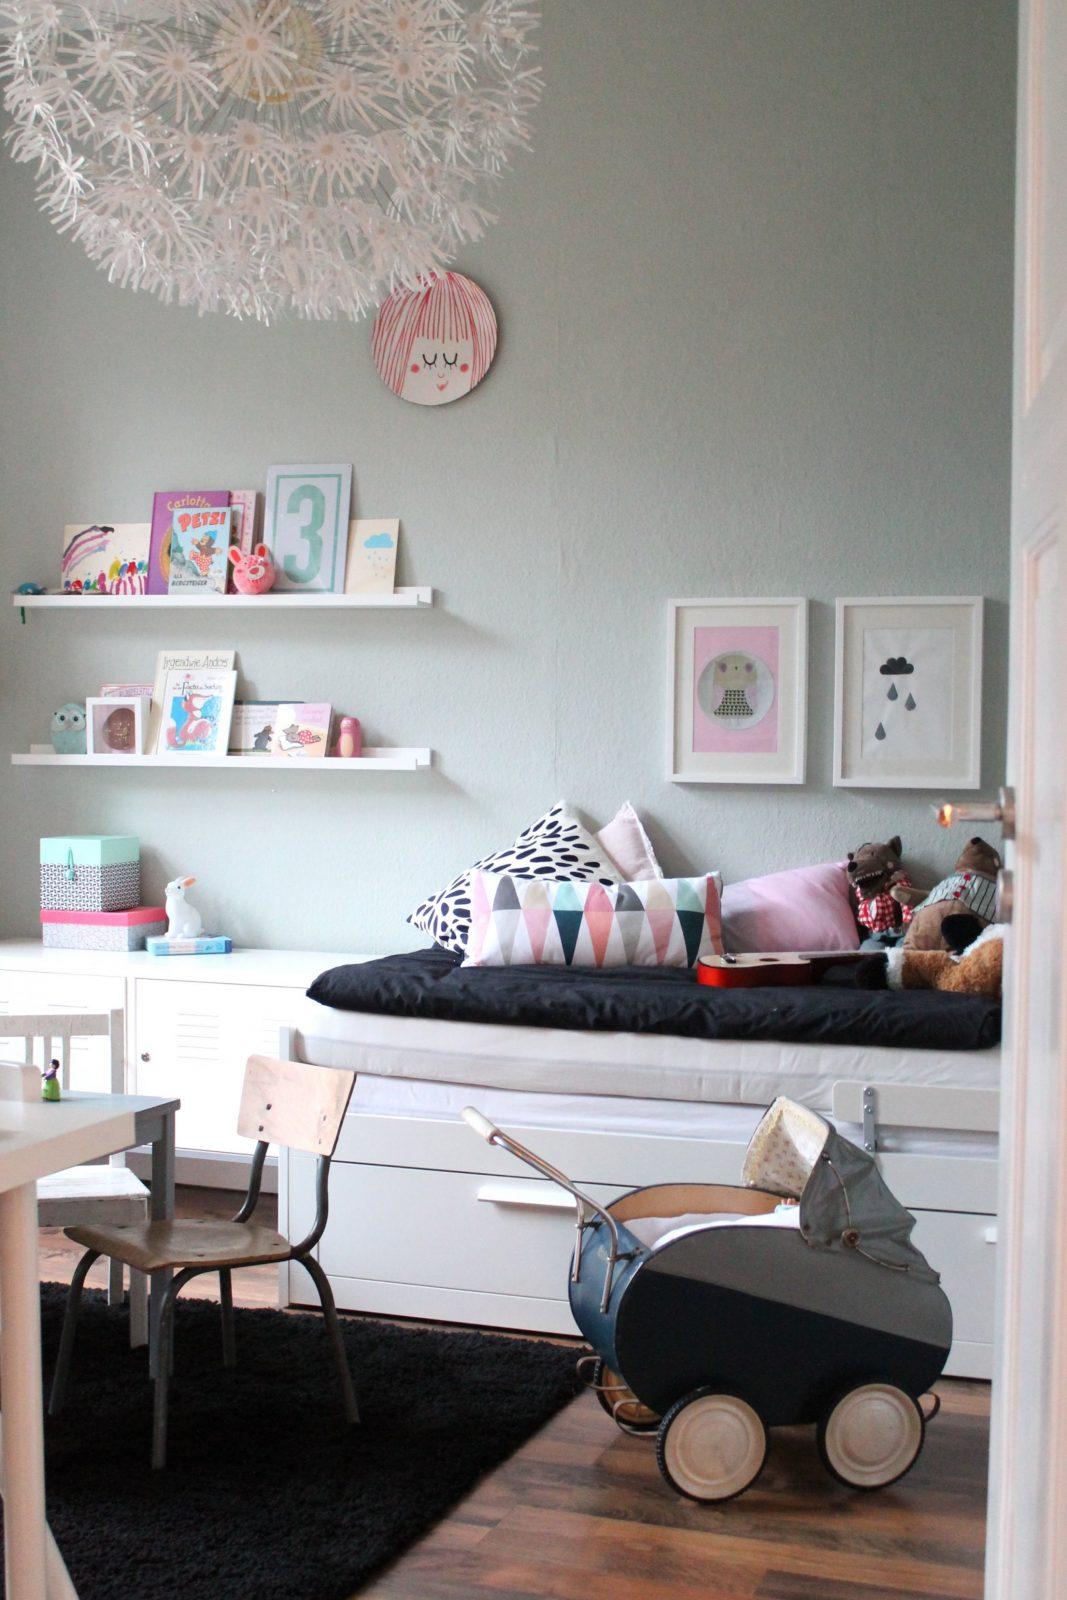 Die Schönsten Ideen Für Dein Kinderzimmer von Babyzimmer Gestalten Kreative Ideen Photo